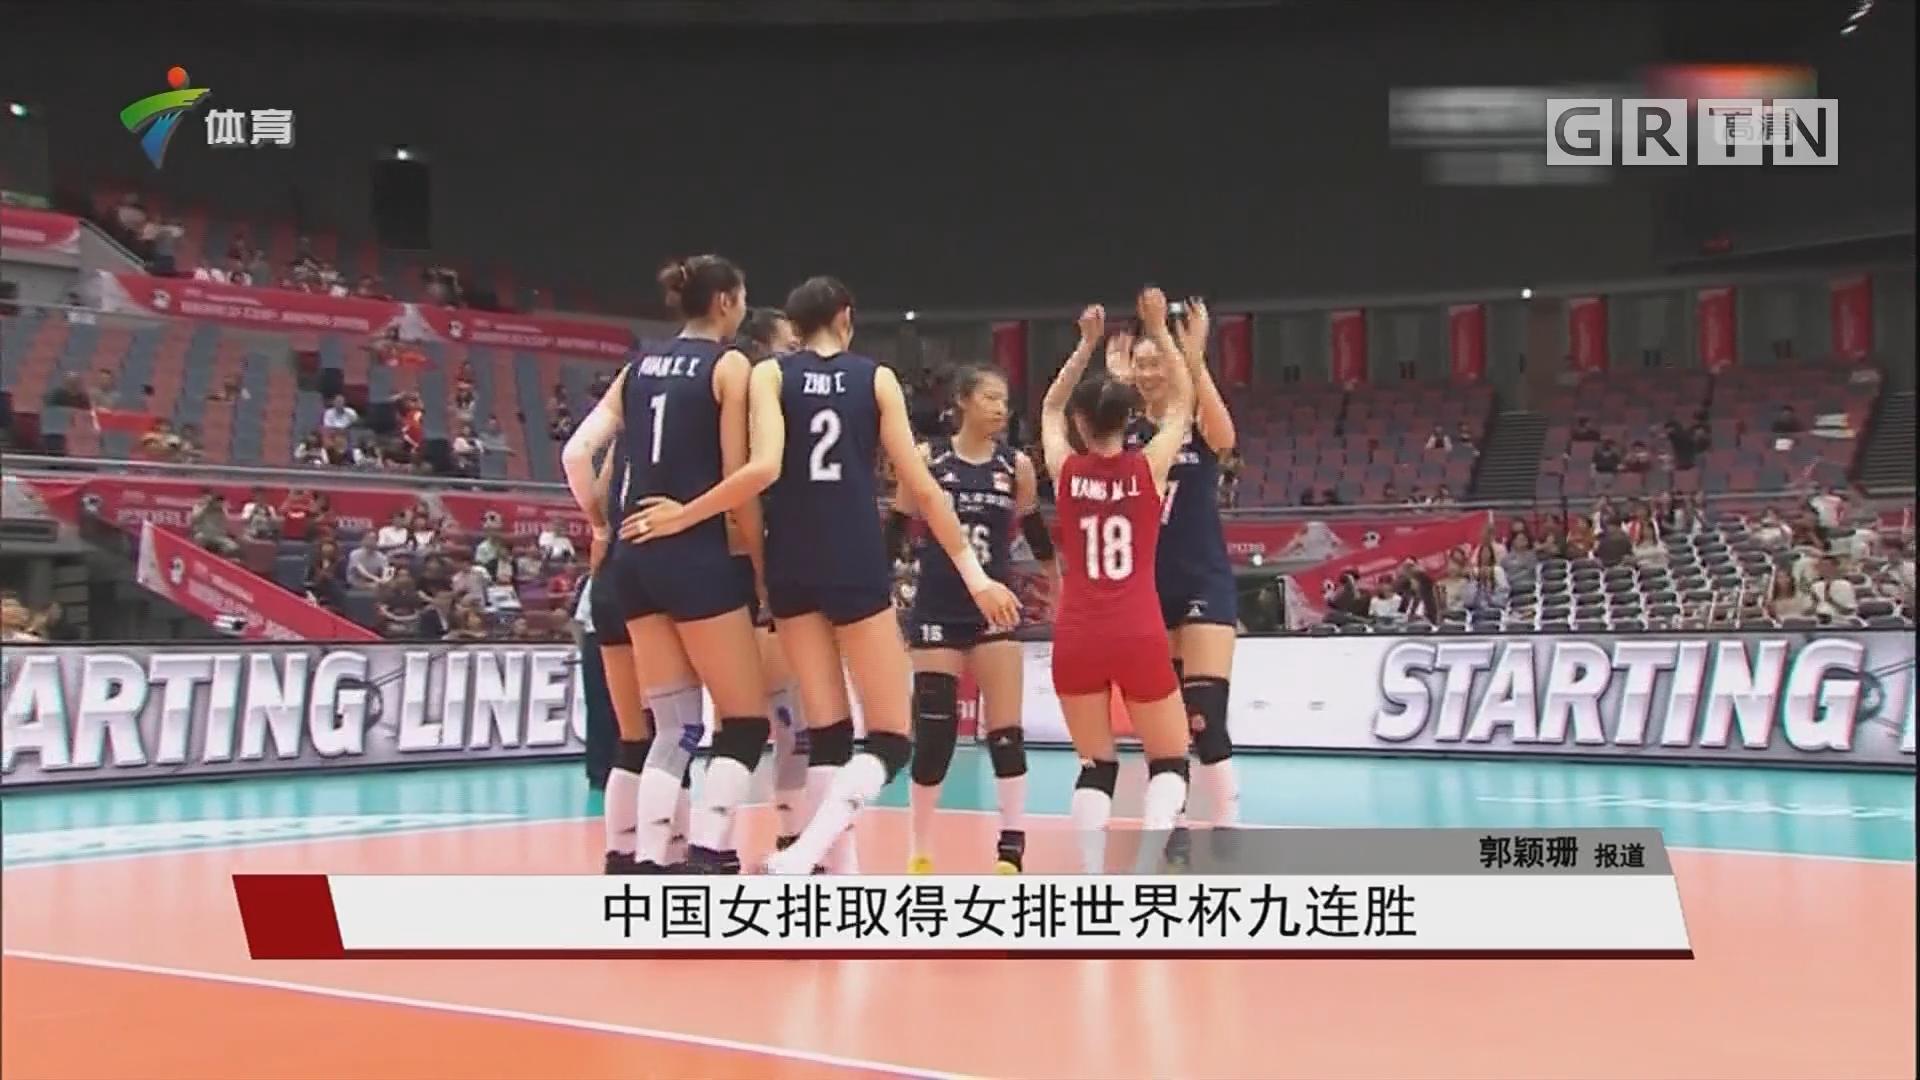 中国女排取得女排世界杯九连胜